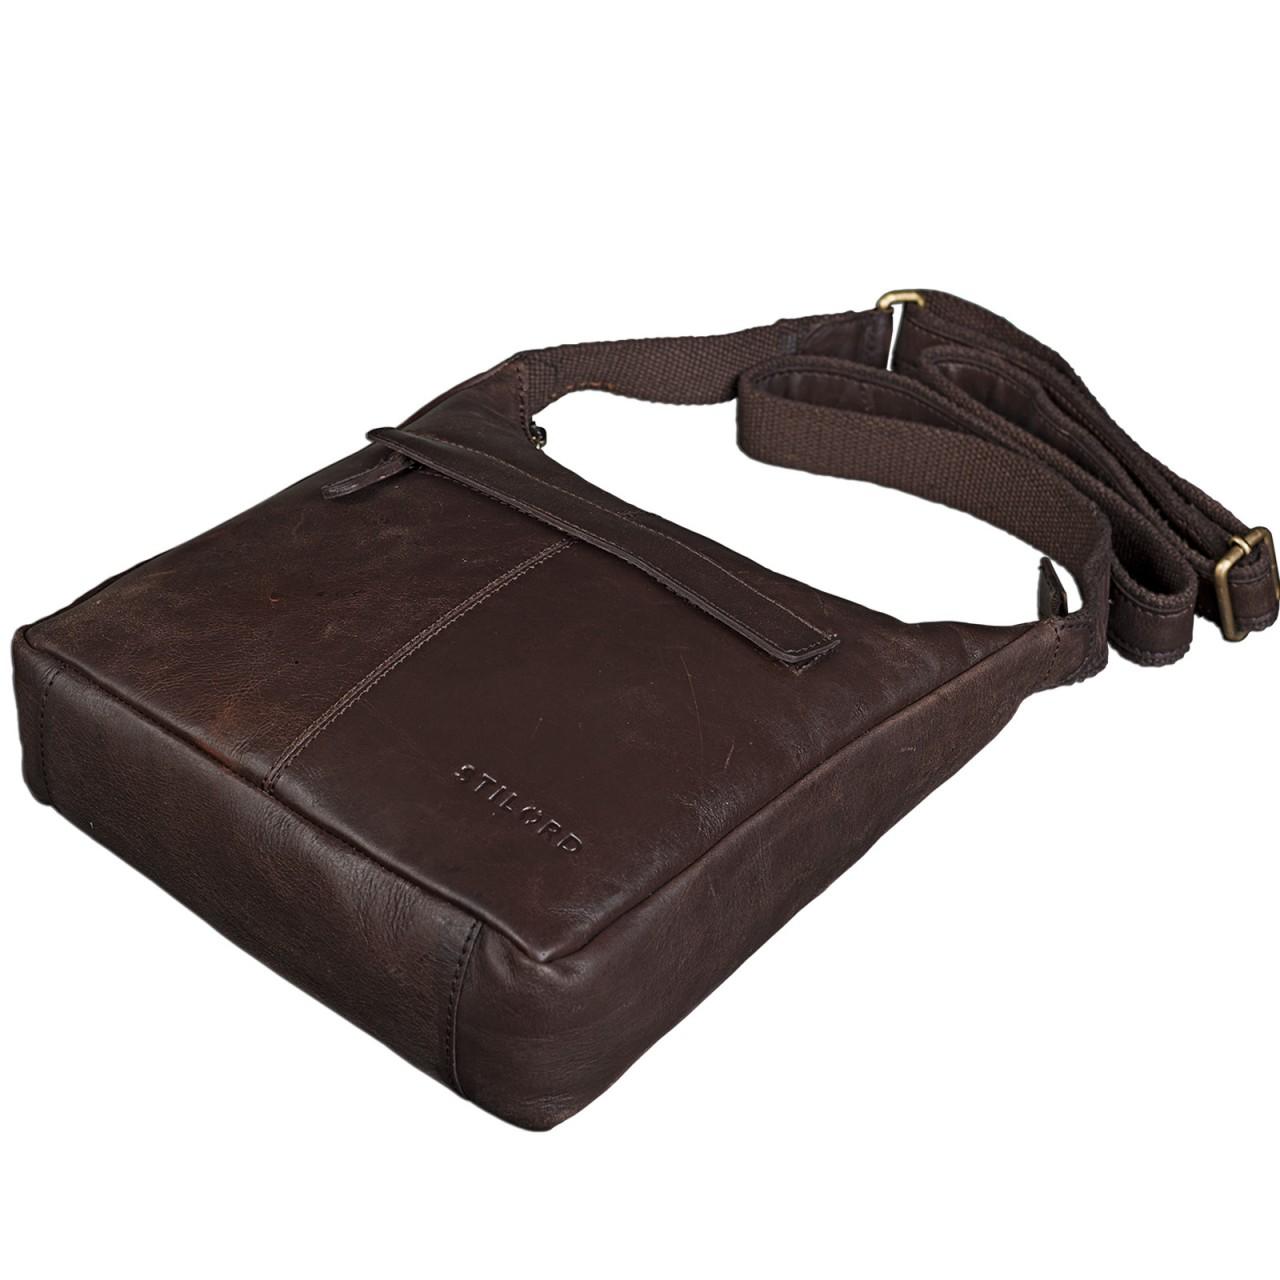 STILORD kleine Lederhandtasche Umhängetasche Vintage Handtasche mit verstellbarem Schulterriemen aus weichem Antik Leder Damen - Bild 15